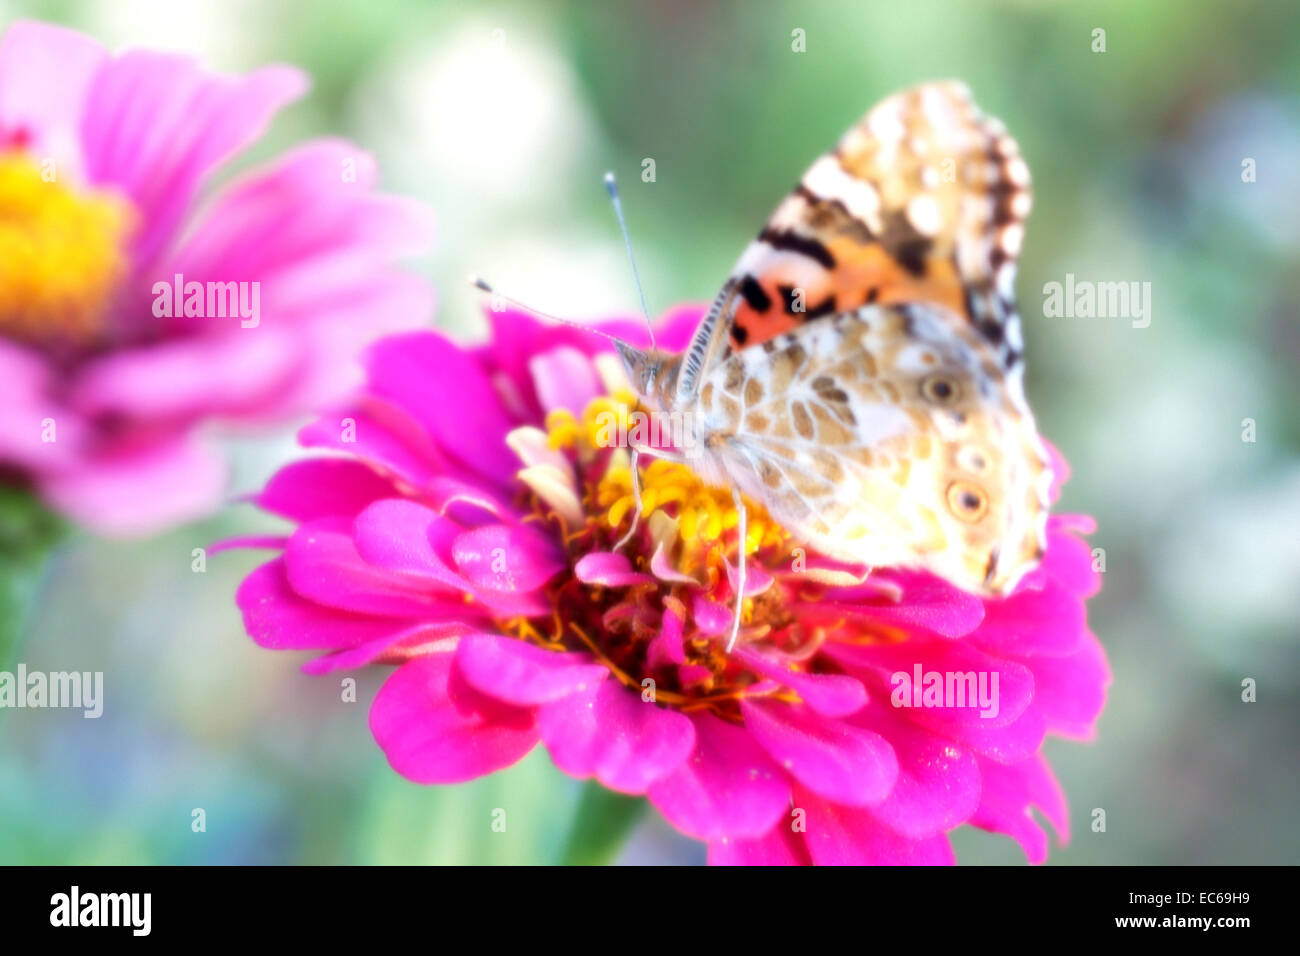 Fotografia di sogno di una farfalla su un fiore Immagini Stock